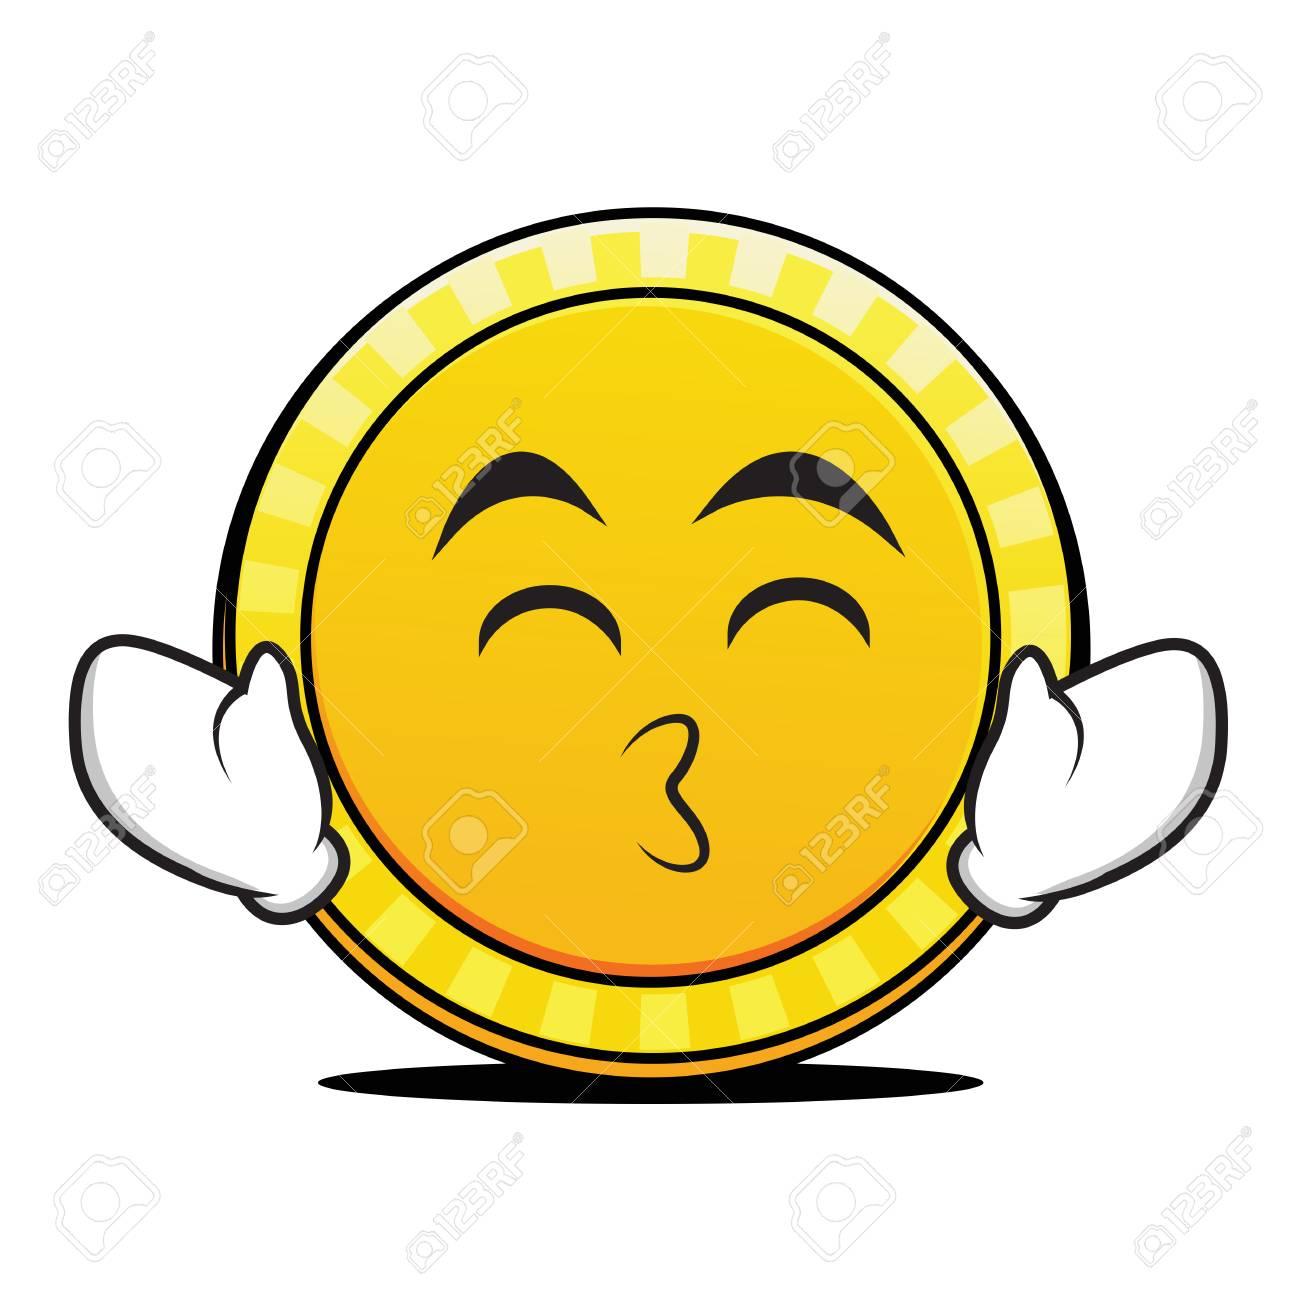 Küssen Lächeln Augen Münze Charakter Lizenzfrei Nutzbare